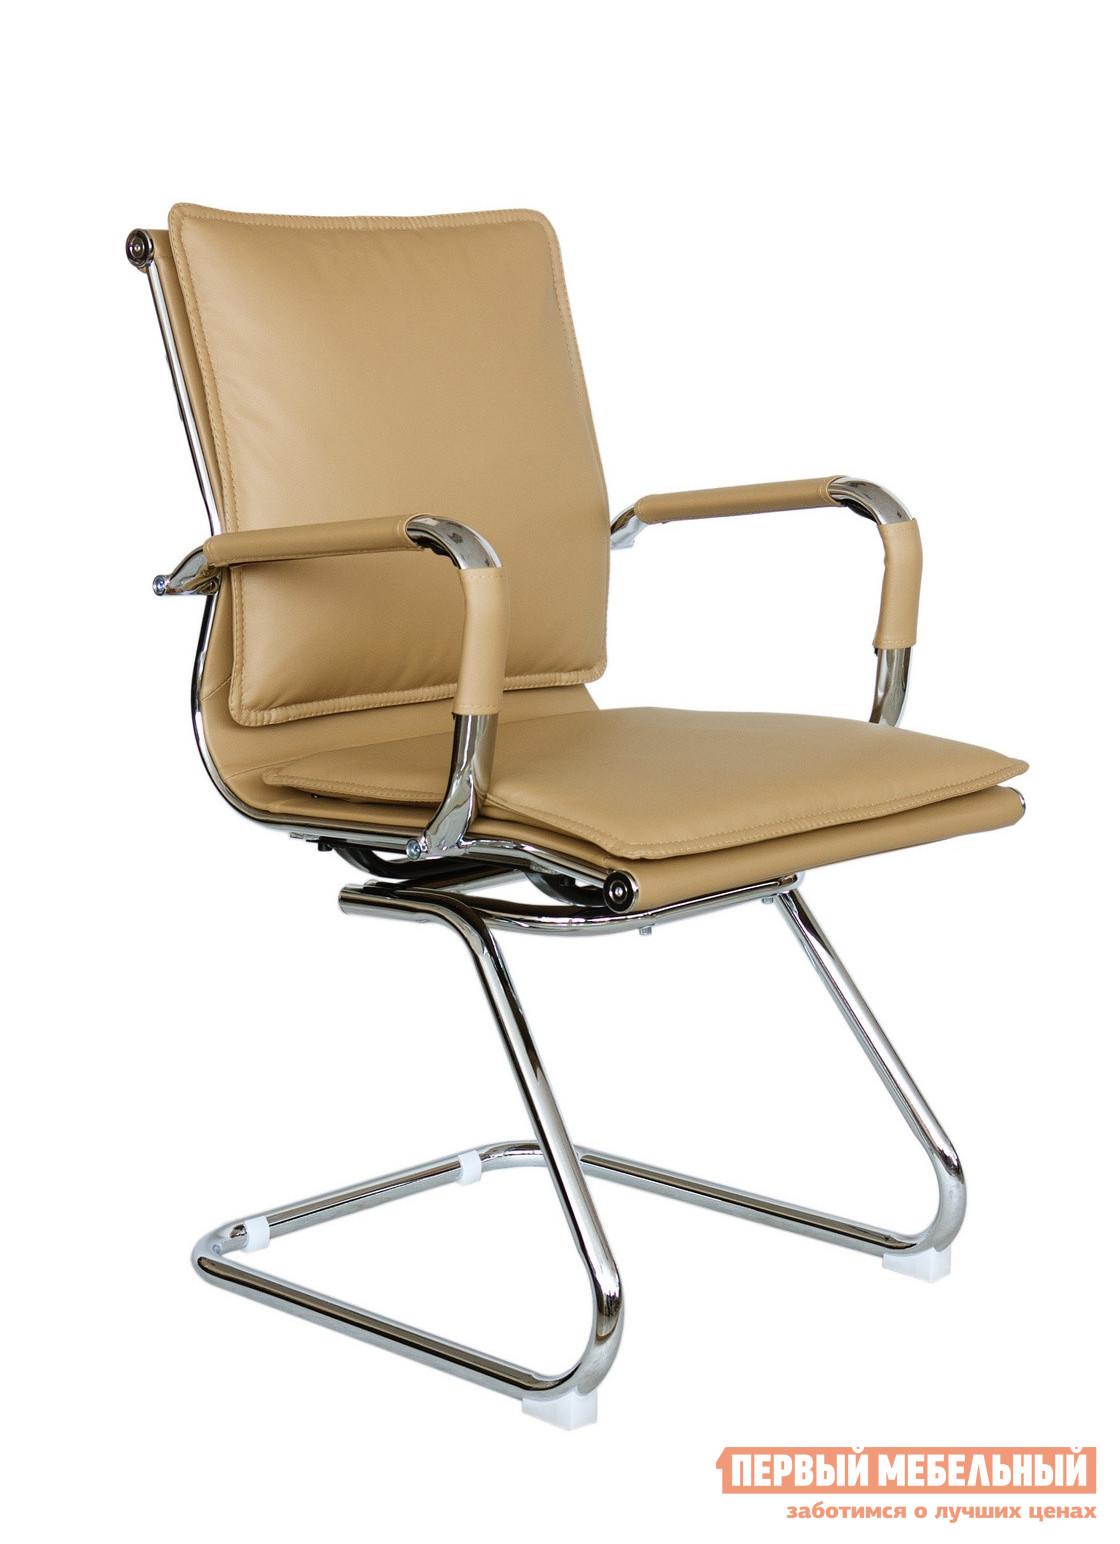 Стул для офиса Riva Кресло RCH 6003-3 кресло для офиса й хорошее красноярск